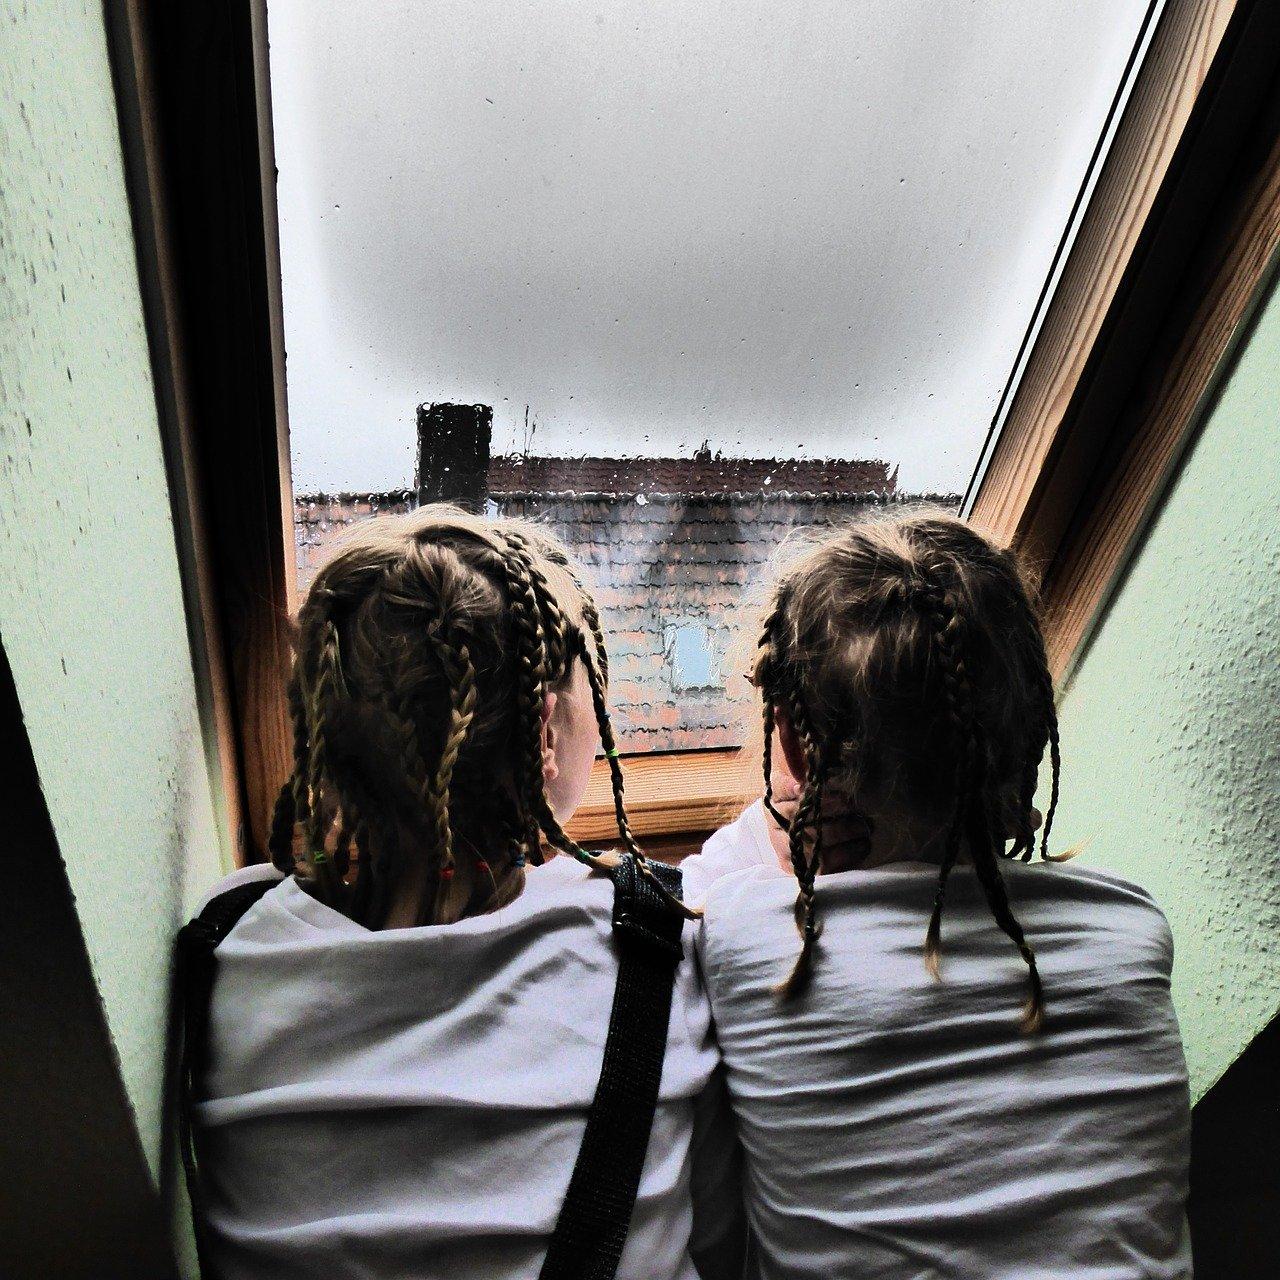 Ein Dachfenster sollte besonders gut gedämmt sein, damit es bei Regen nicht zu laut wird.